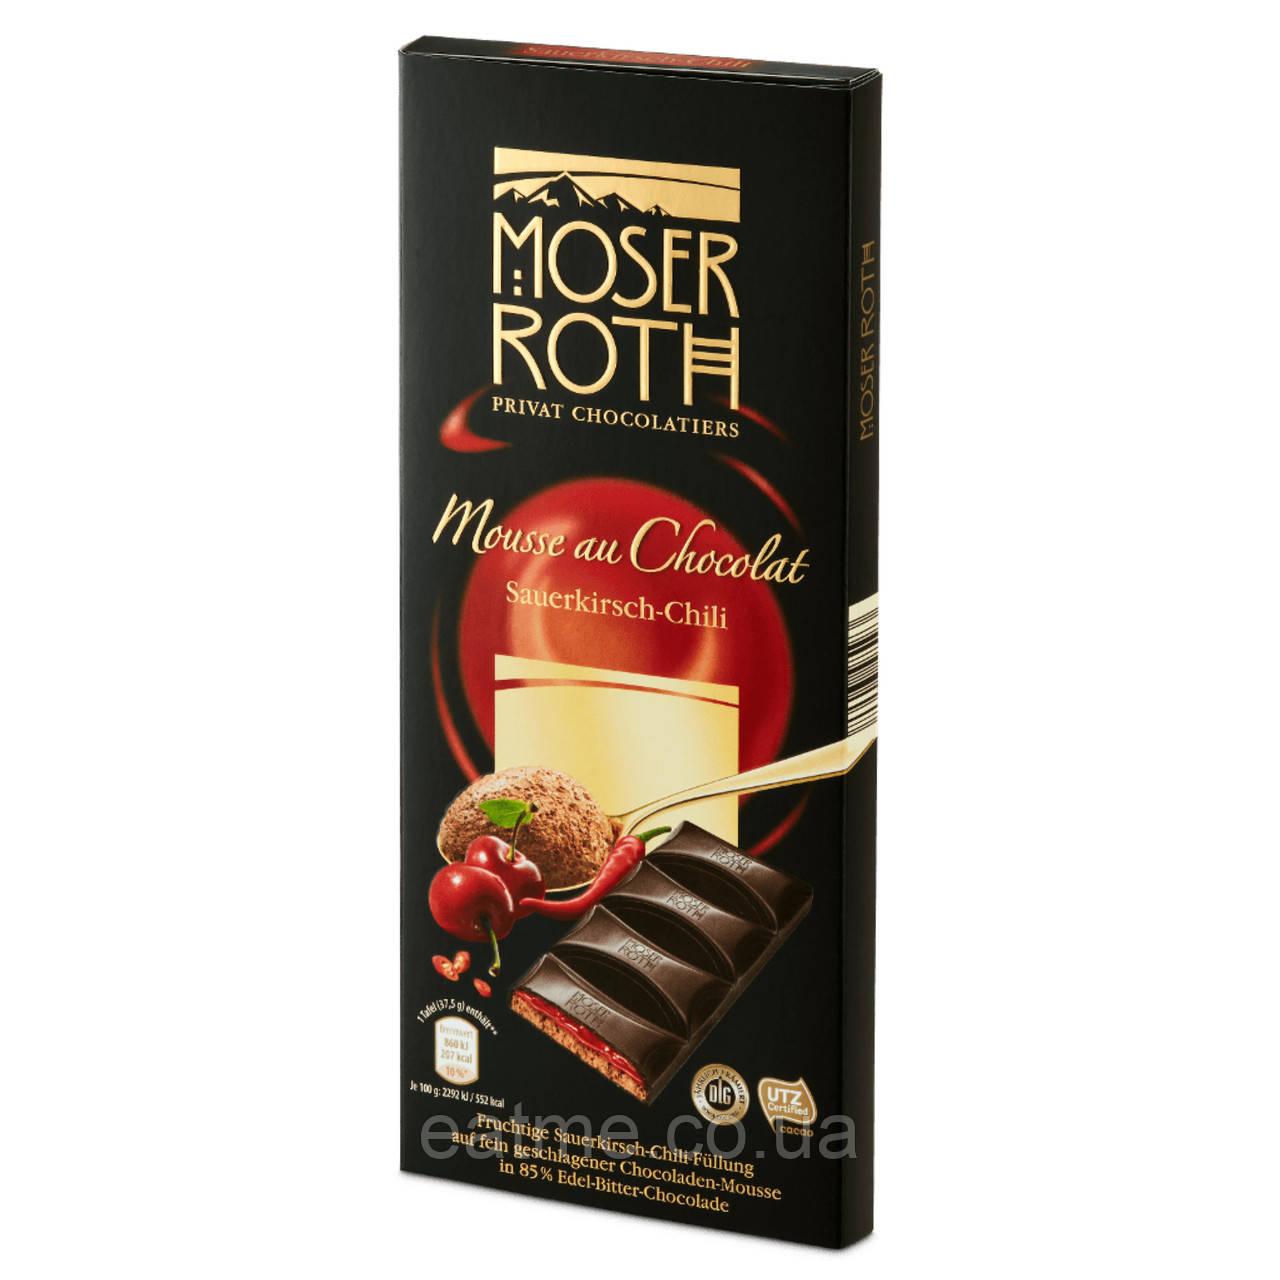 Немецкий шоколад Moser Roth с шоколадным муссом и фруктовой прослойкой из вишни и перца Чили